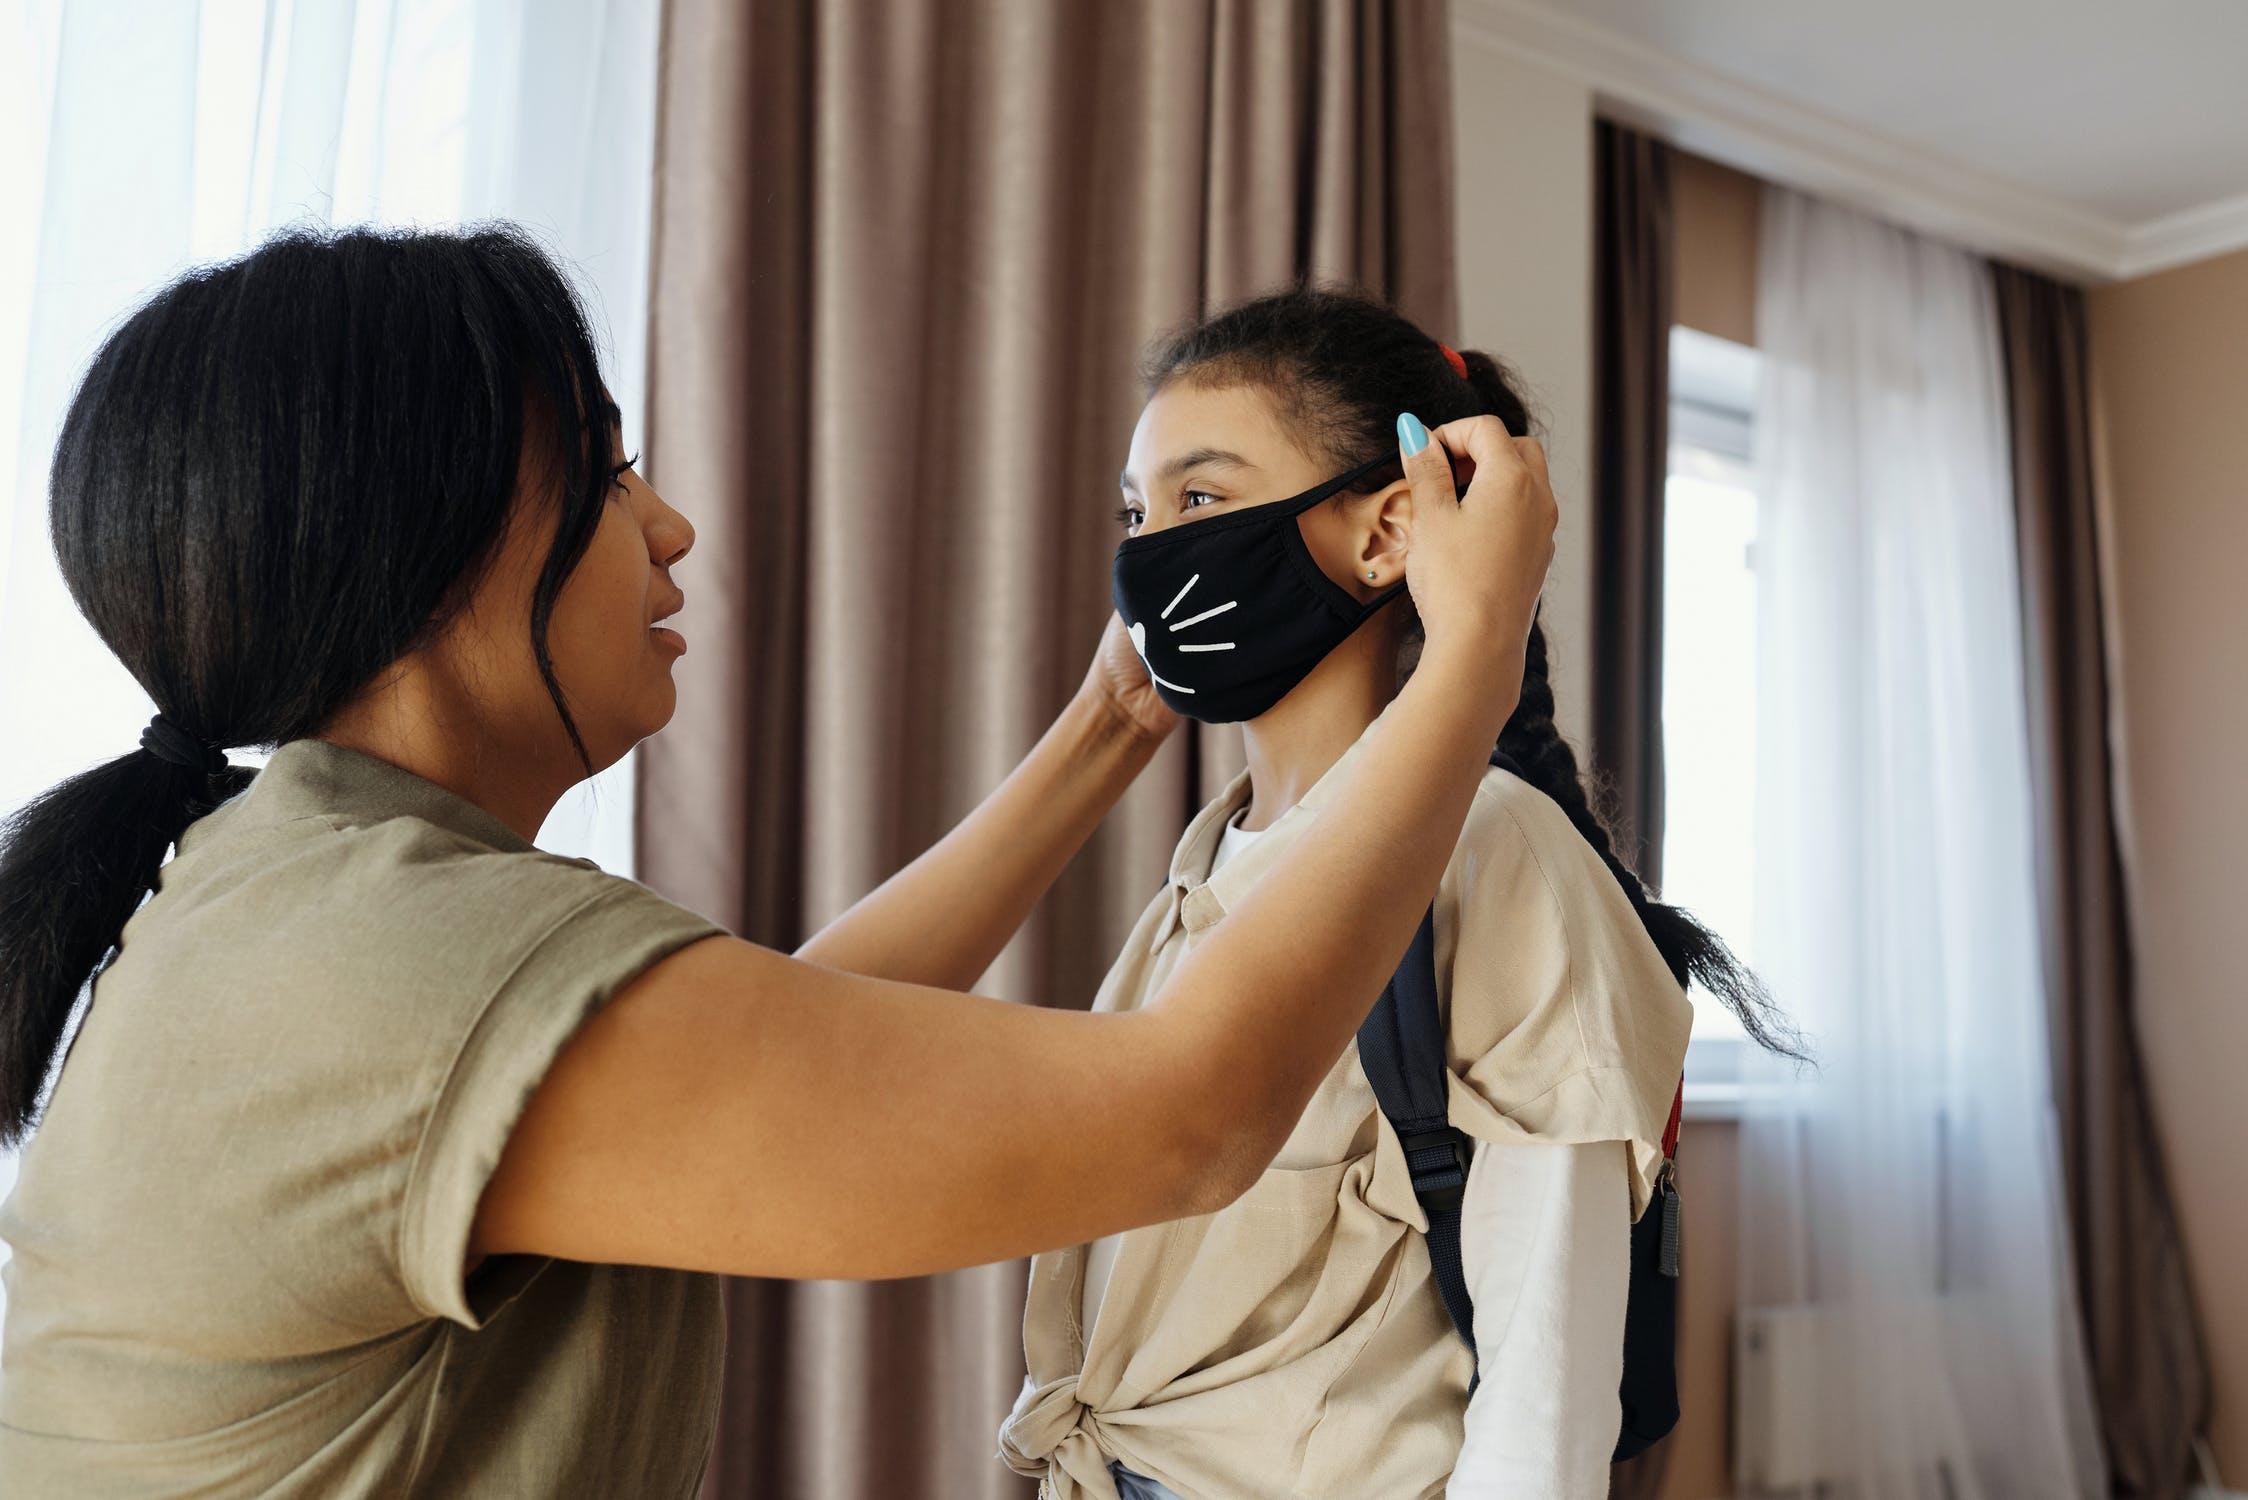 Le mascherine sui bambini fanno male? Ecco alcuni falsi miti